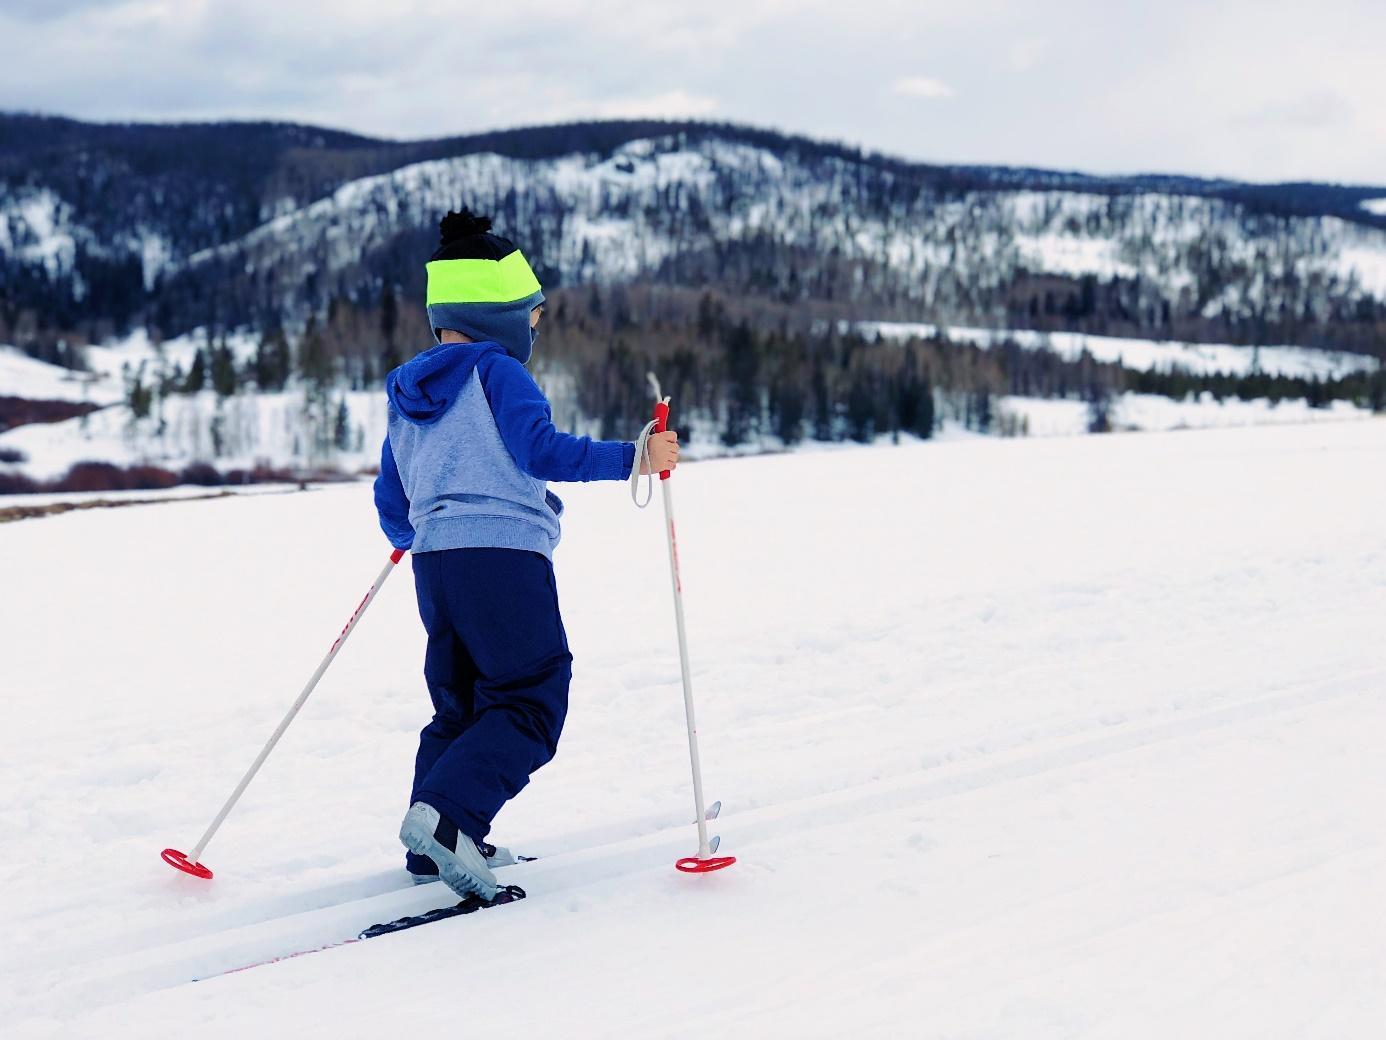 Ein Bild, das draußen, Schnee, Skifahren, Himmel enthält.  Automatisch generierte Beschreibung